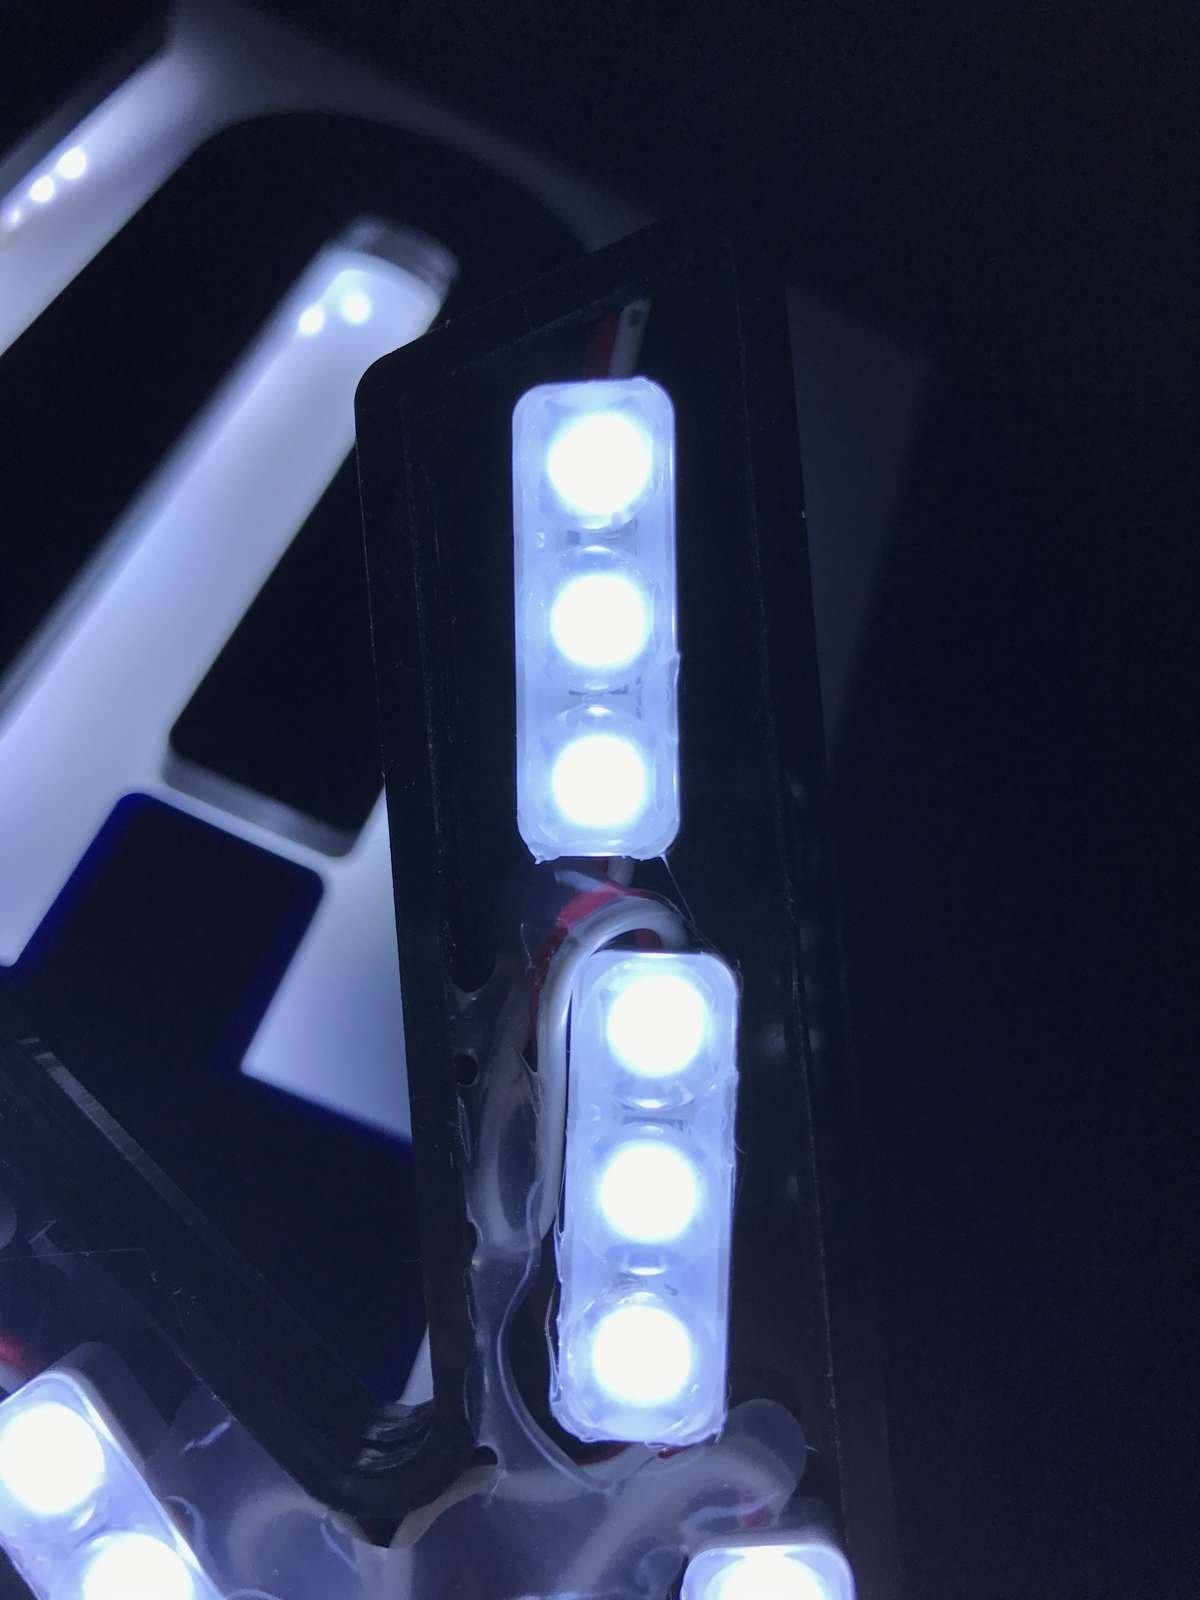 halo LED module